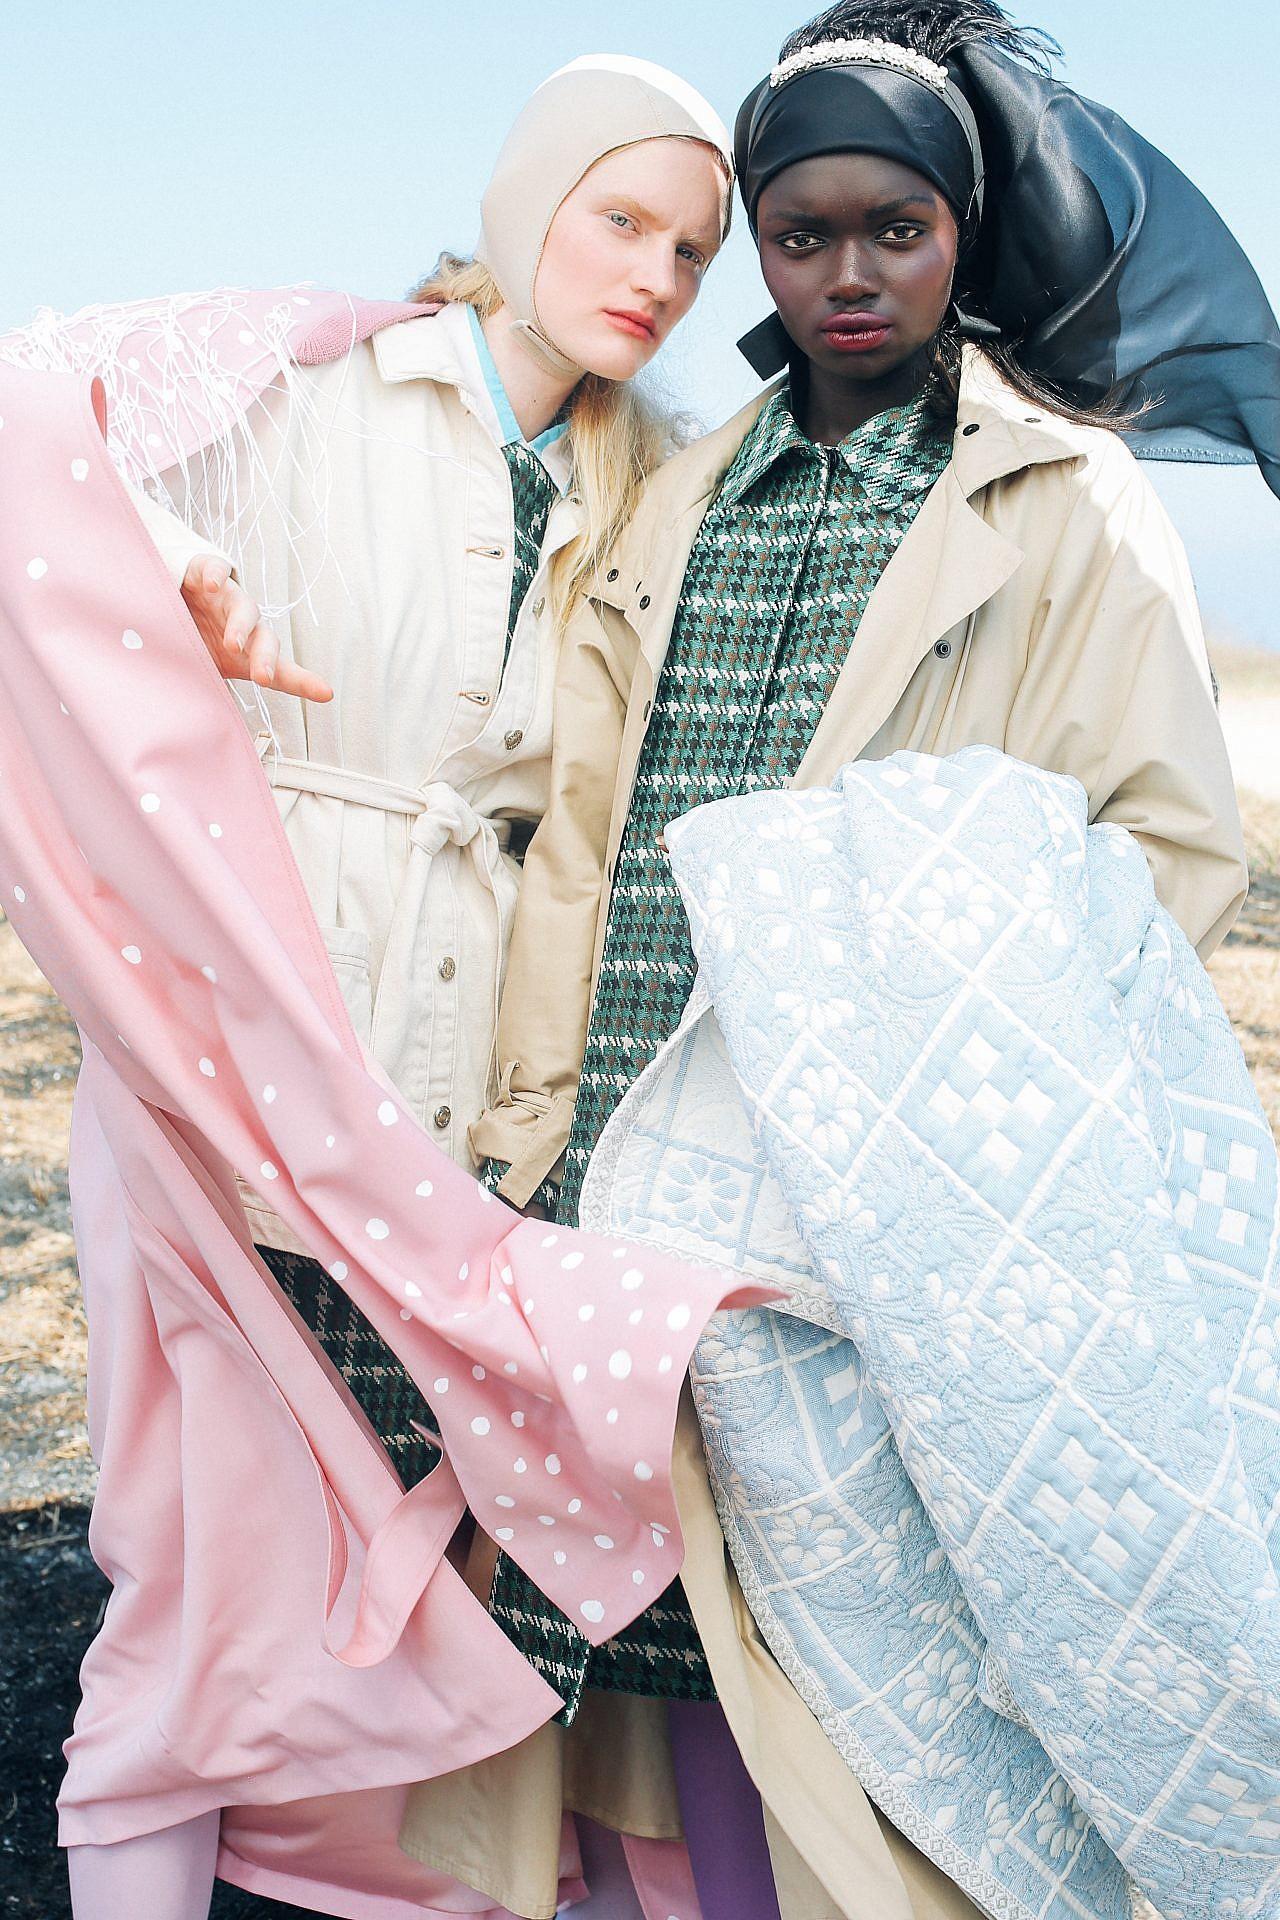 צילום: אלה אוזן, סטיילינג: חיה וידר. (ימין) שמלה קרולינה הררה, טרנץ – אמריקן וינטג׳, גרביונים-זוהרה, מטפחת משי שחורה אוסף אישי, סרט שחור אבנים ונוצות -מיו מיו להלגה.(שמאל) חולצה מכופתרת פסים לבוטיק מיקי ממון, שמלה משבצות קרולינה הררה, ז׳קט קצר-טופשופ, מעיל ורוד -הדר שבח לשנקר, גרביונים -זוהרה, כובע- אוסף אישי